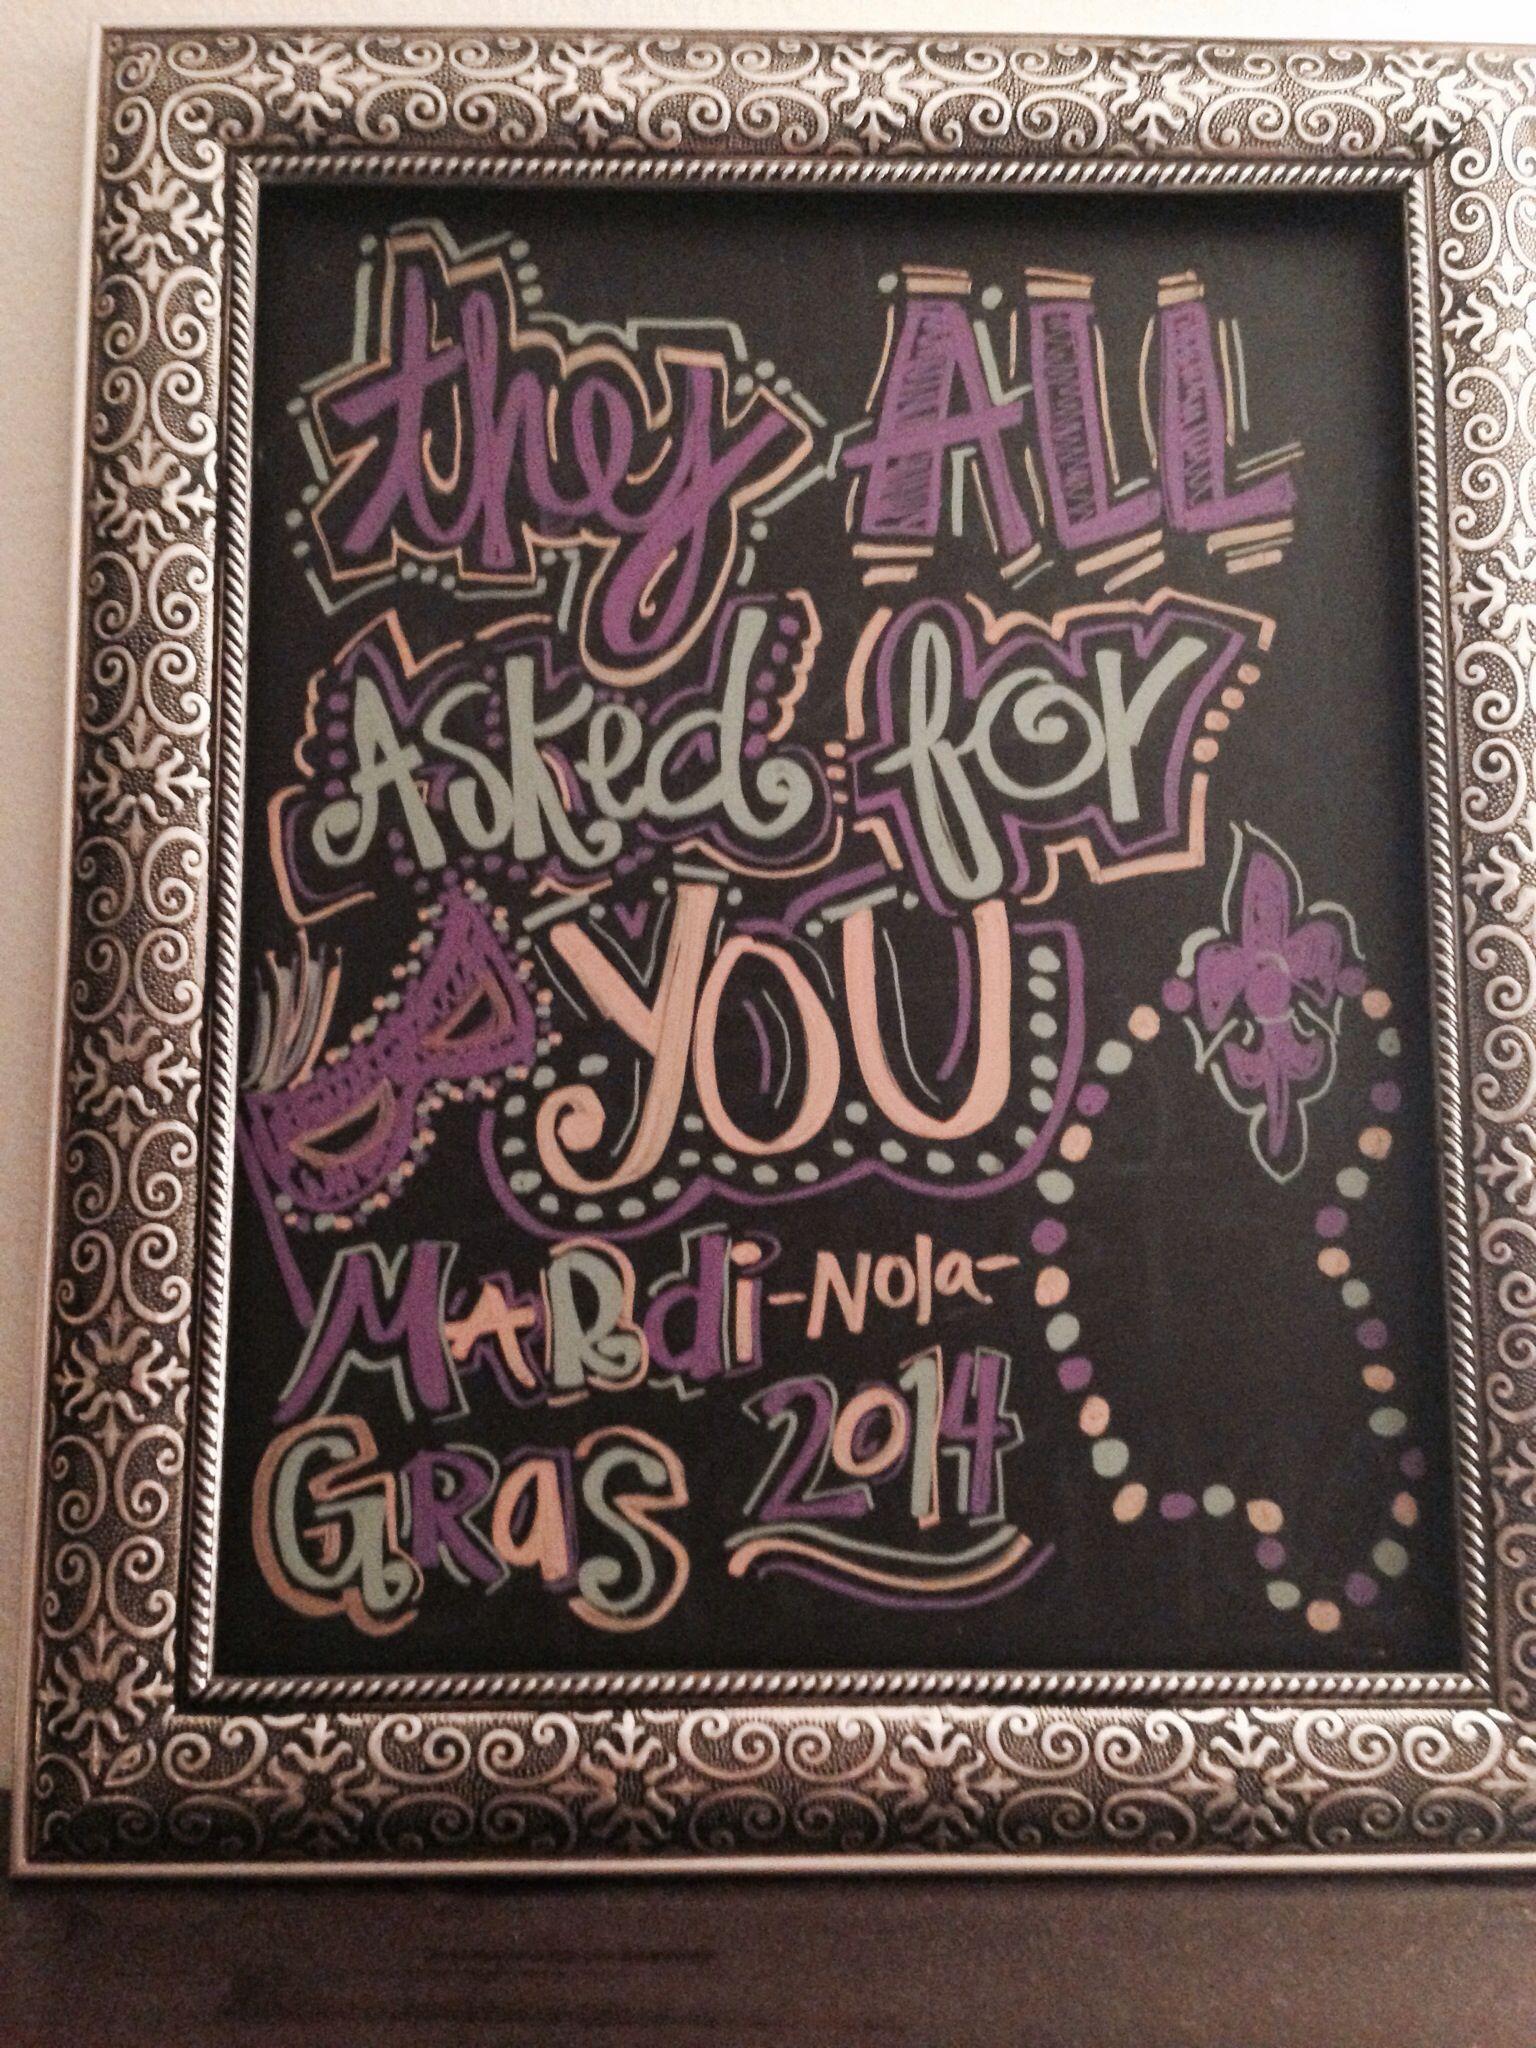 mardi gras chalkboard decorations pinterest mardi gras